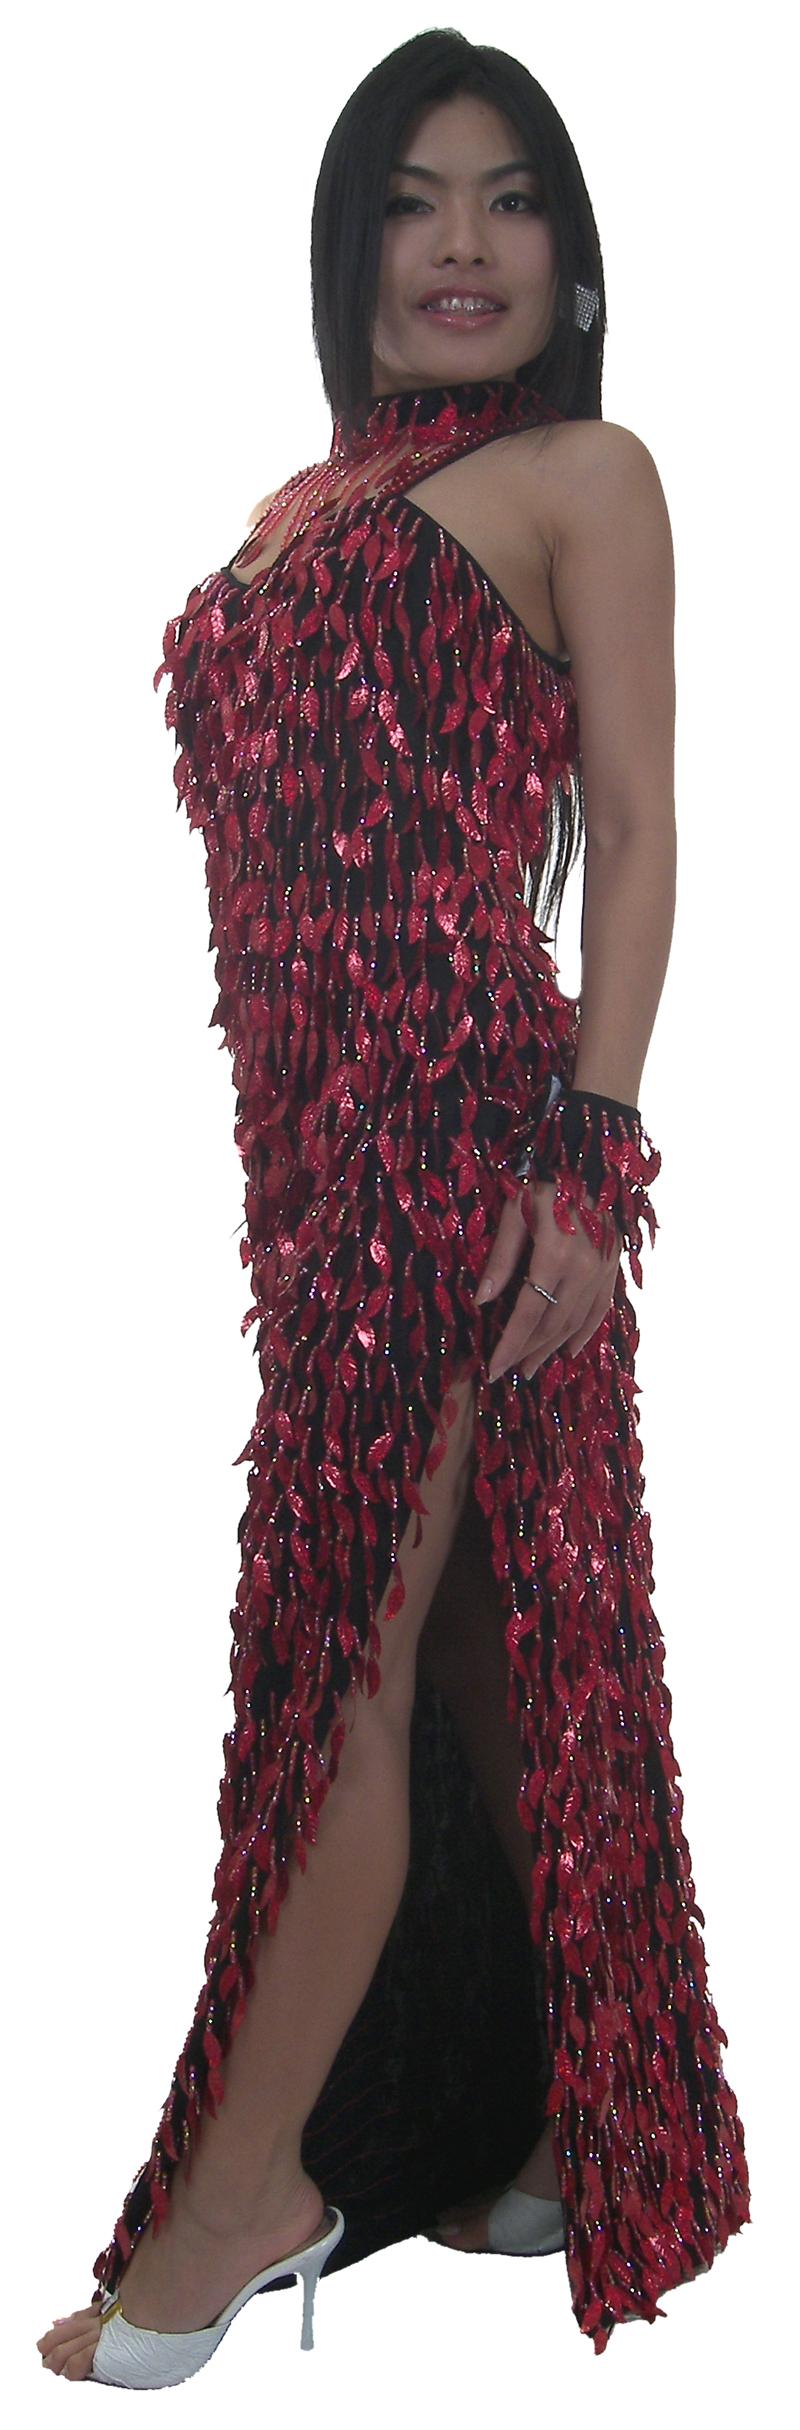 https://michaeljacksoncelebrityclothing.com/sequin-ball-gown/TM2013-long-sequin-fringe-latin-dress-b.jpg